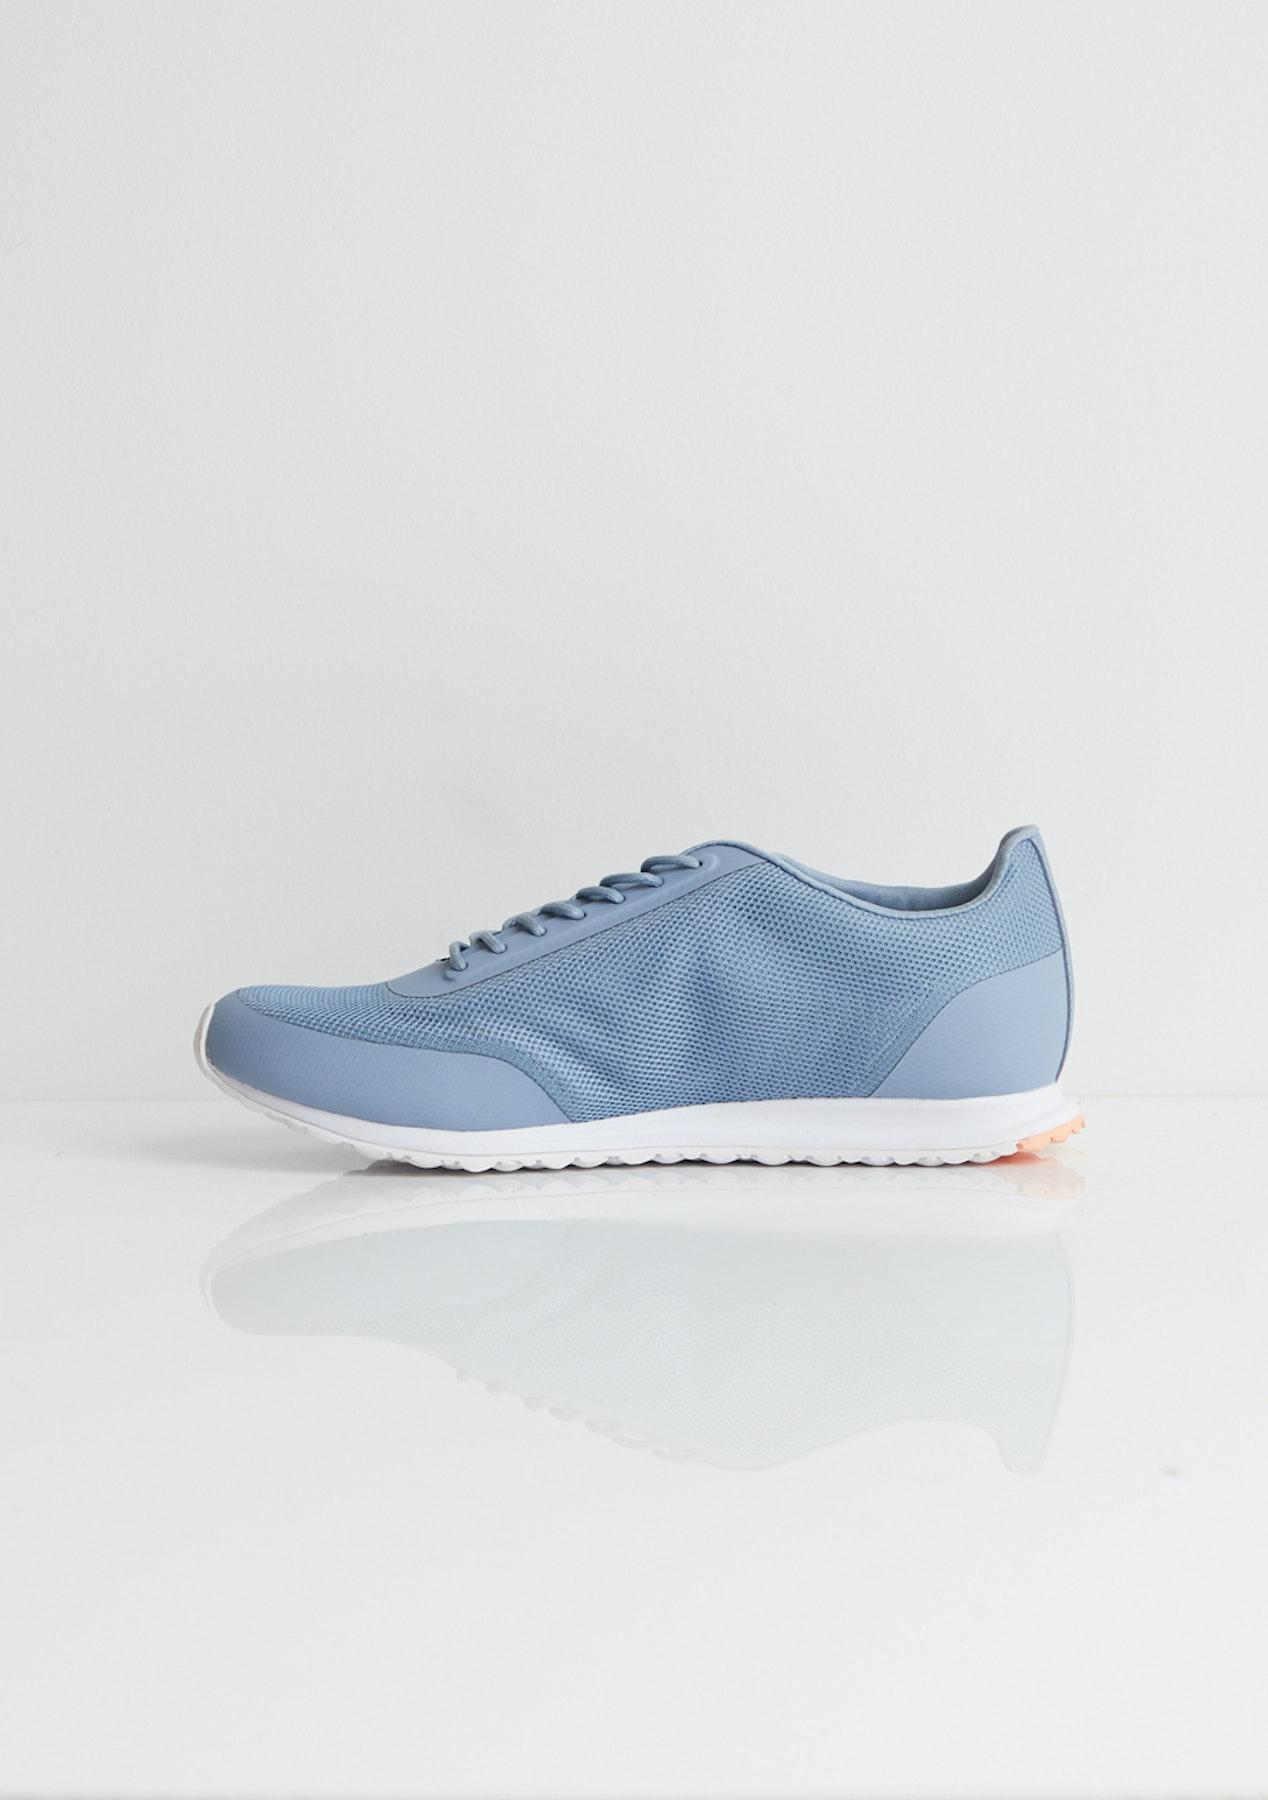 31645e948232 Lacoste Shoes - Womens - 22 - Shoe Outlet - Onceit